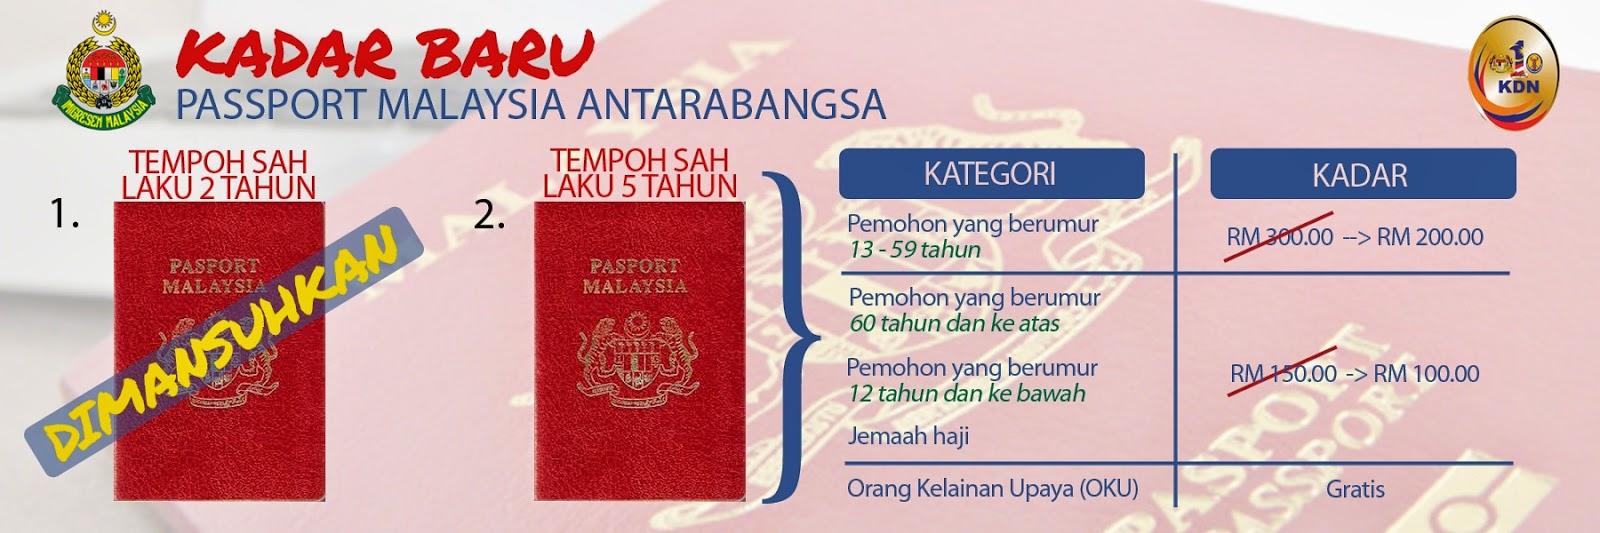 HARGA PASSPORT TERKINI 2015